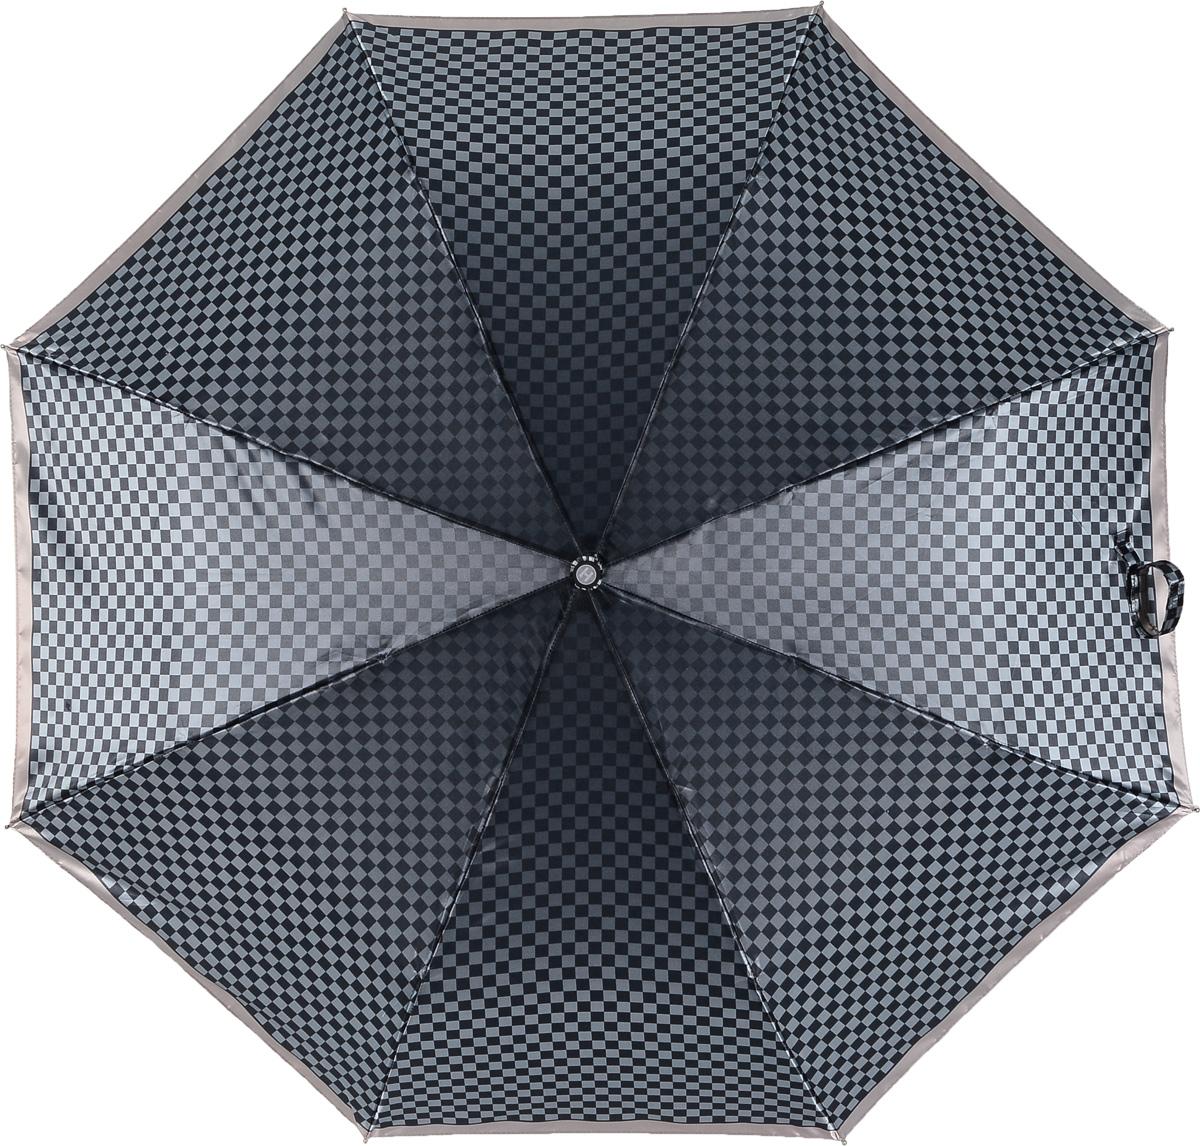 Зонт женский Henry Backer, 3 сложения, цвет: серый. U23201 Jacquarette8L035081M/35449/2900NСтильный женский зонт «Жаккард» с сатиновым куполом, автомат У зонта комфортная для ладони рукоять из нескользящего материала с насечками под пальцы, чтобы зонт было удобно удерживать при порывах ветра.